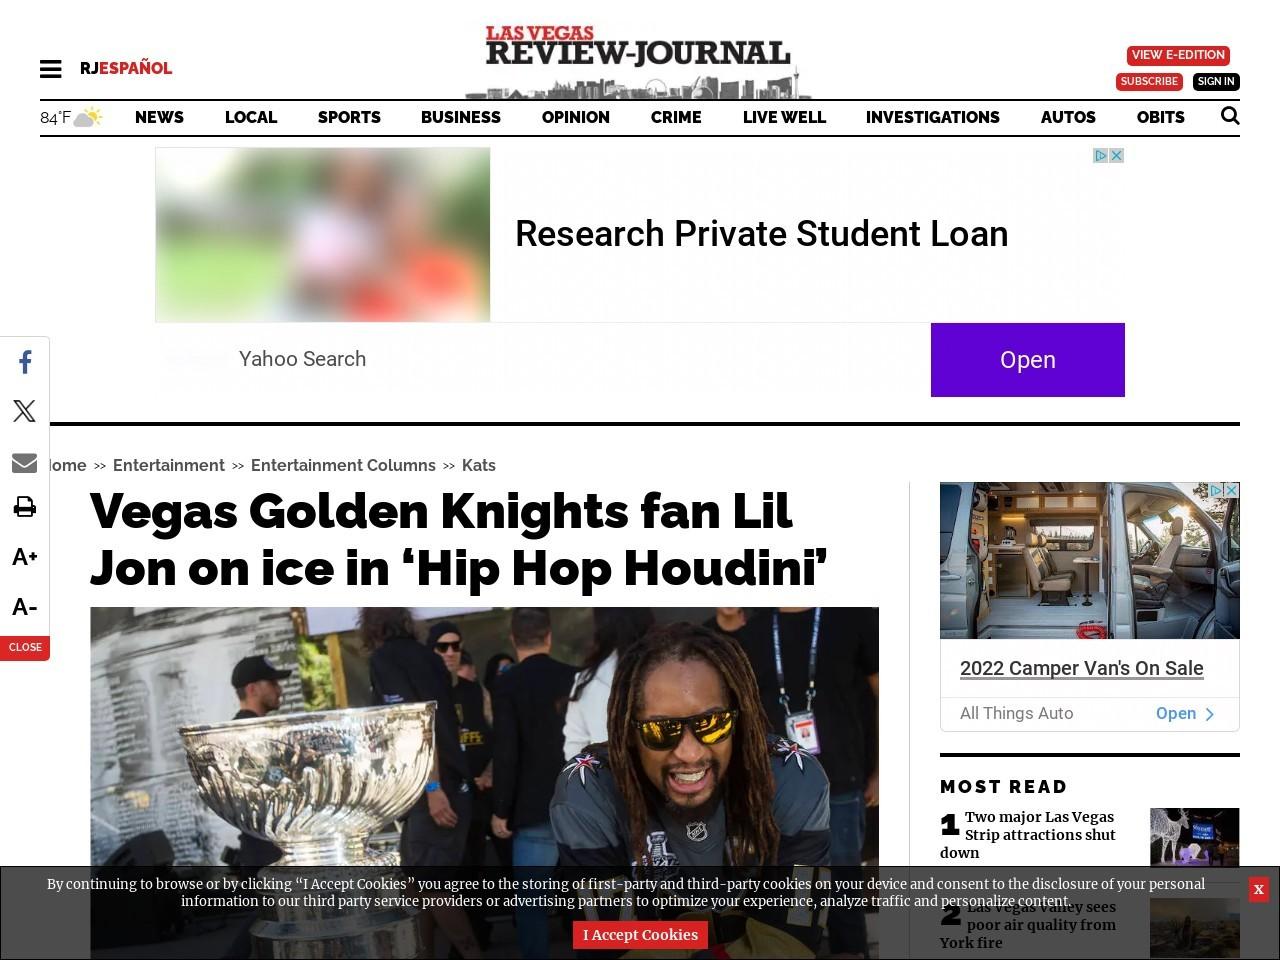 Vegas Golden Knights fan Lil Jon on ice in 'Hip Hop Houdini'